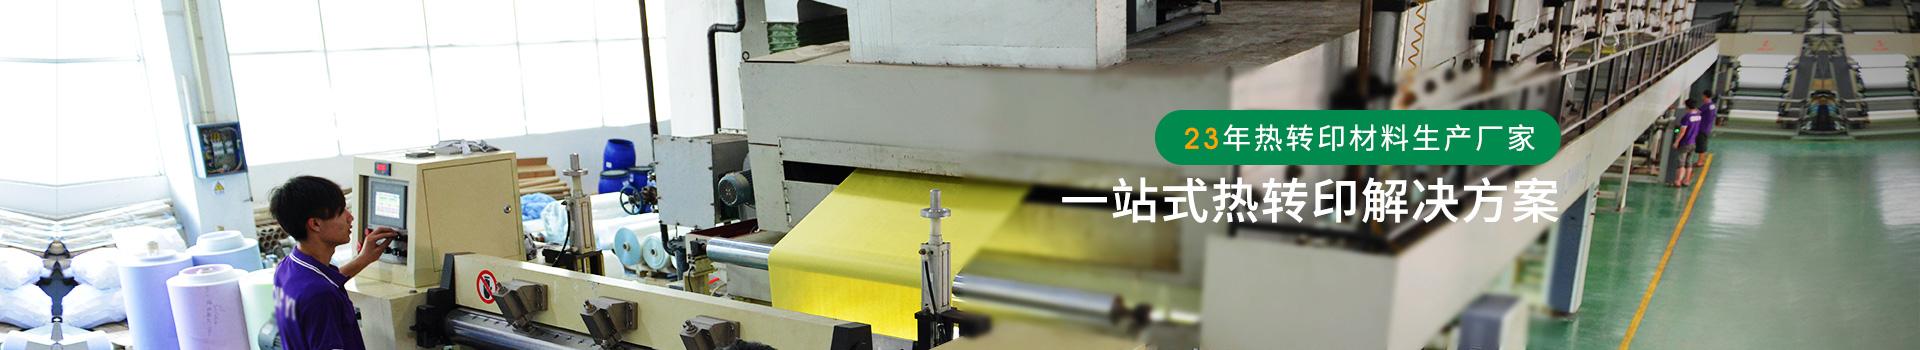 广州好印-23年热转印材料生产厂家,一站式热转印解决方案